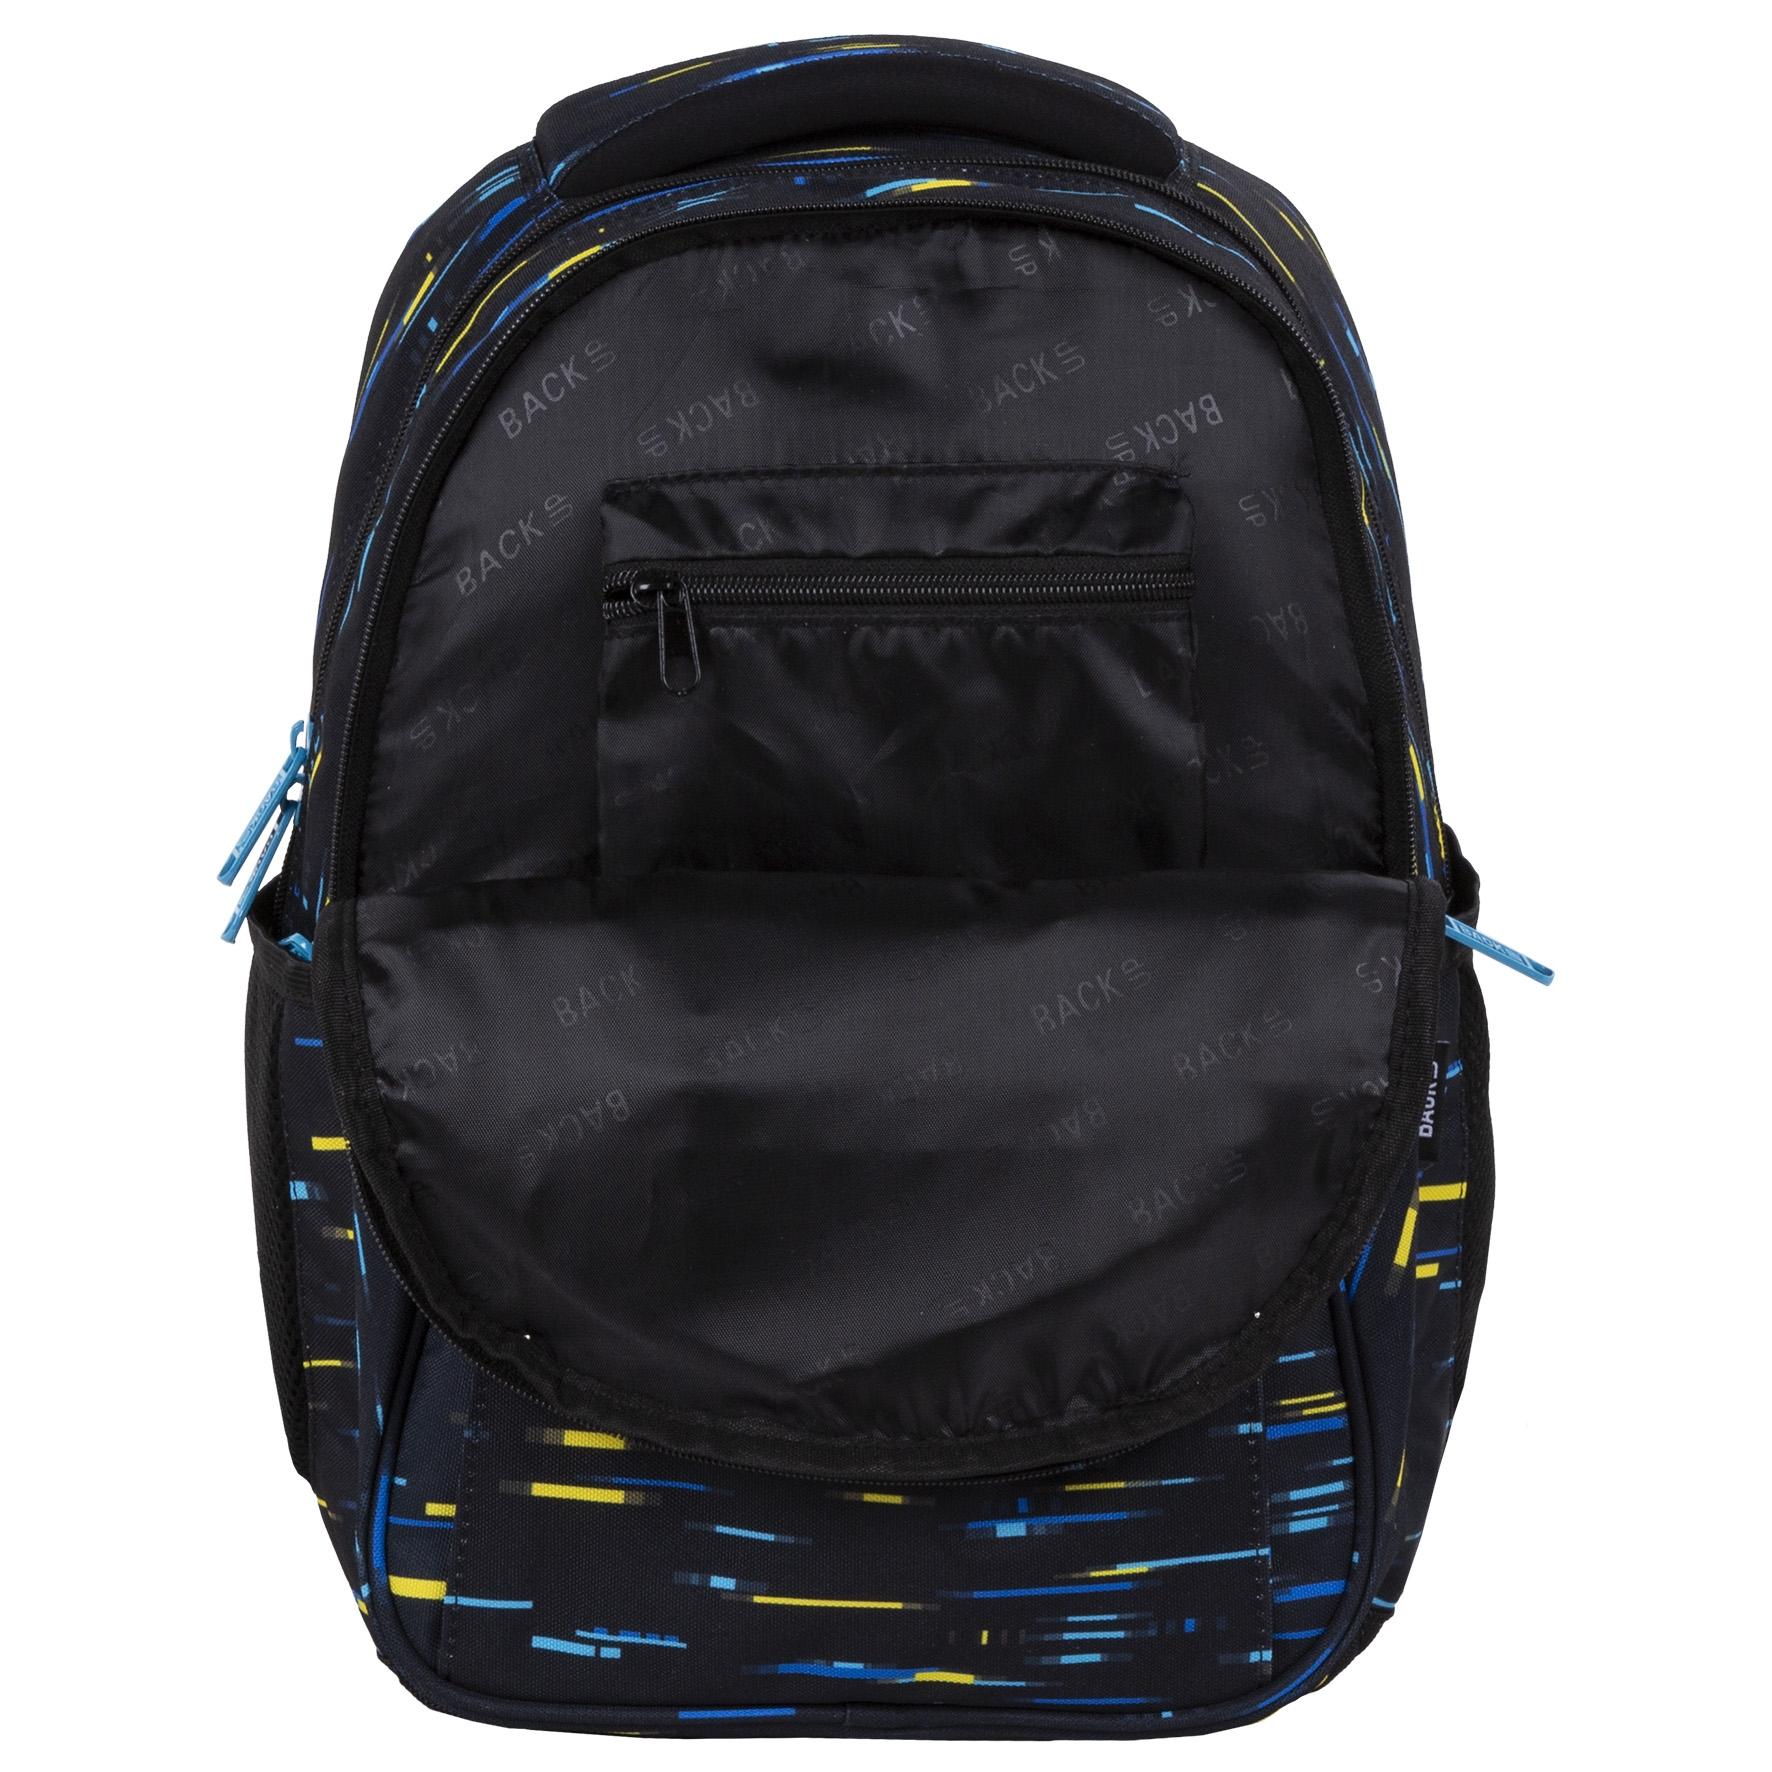 Plecak BackUP 4 model P 45 (PLB4P45)